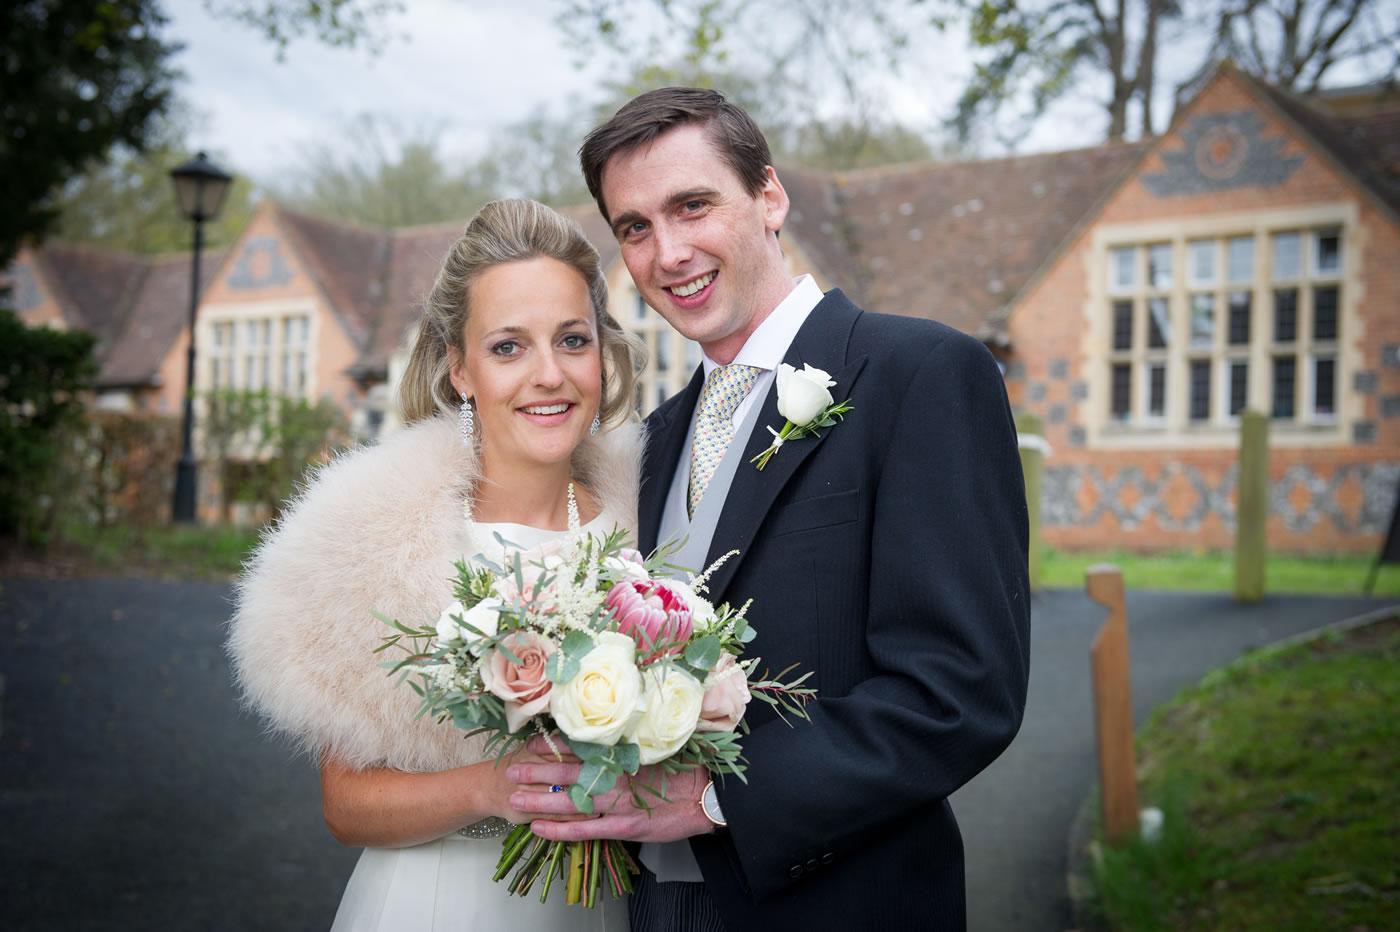 Weddings at Bradfield College Berkshire - Bride & Groom - Bridal Hair & Makeup